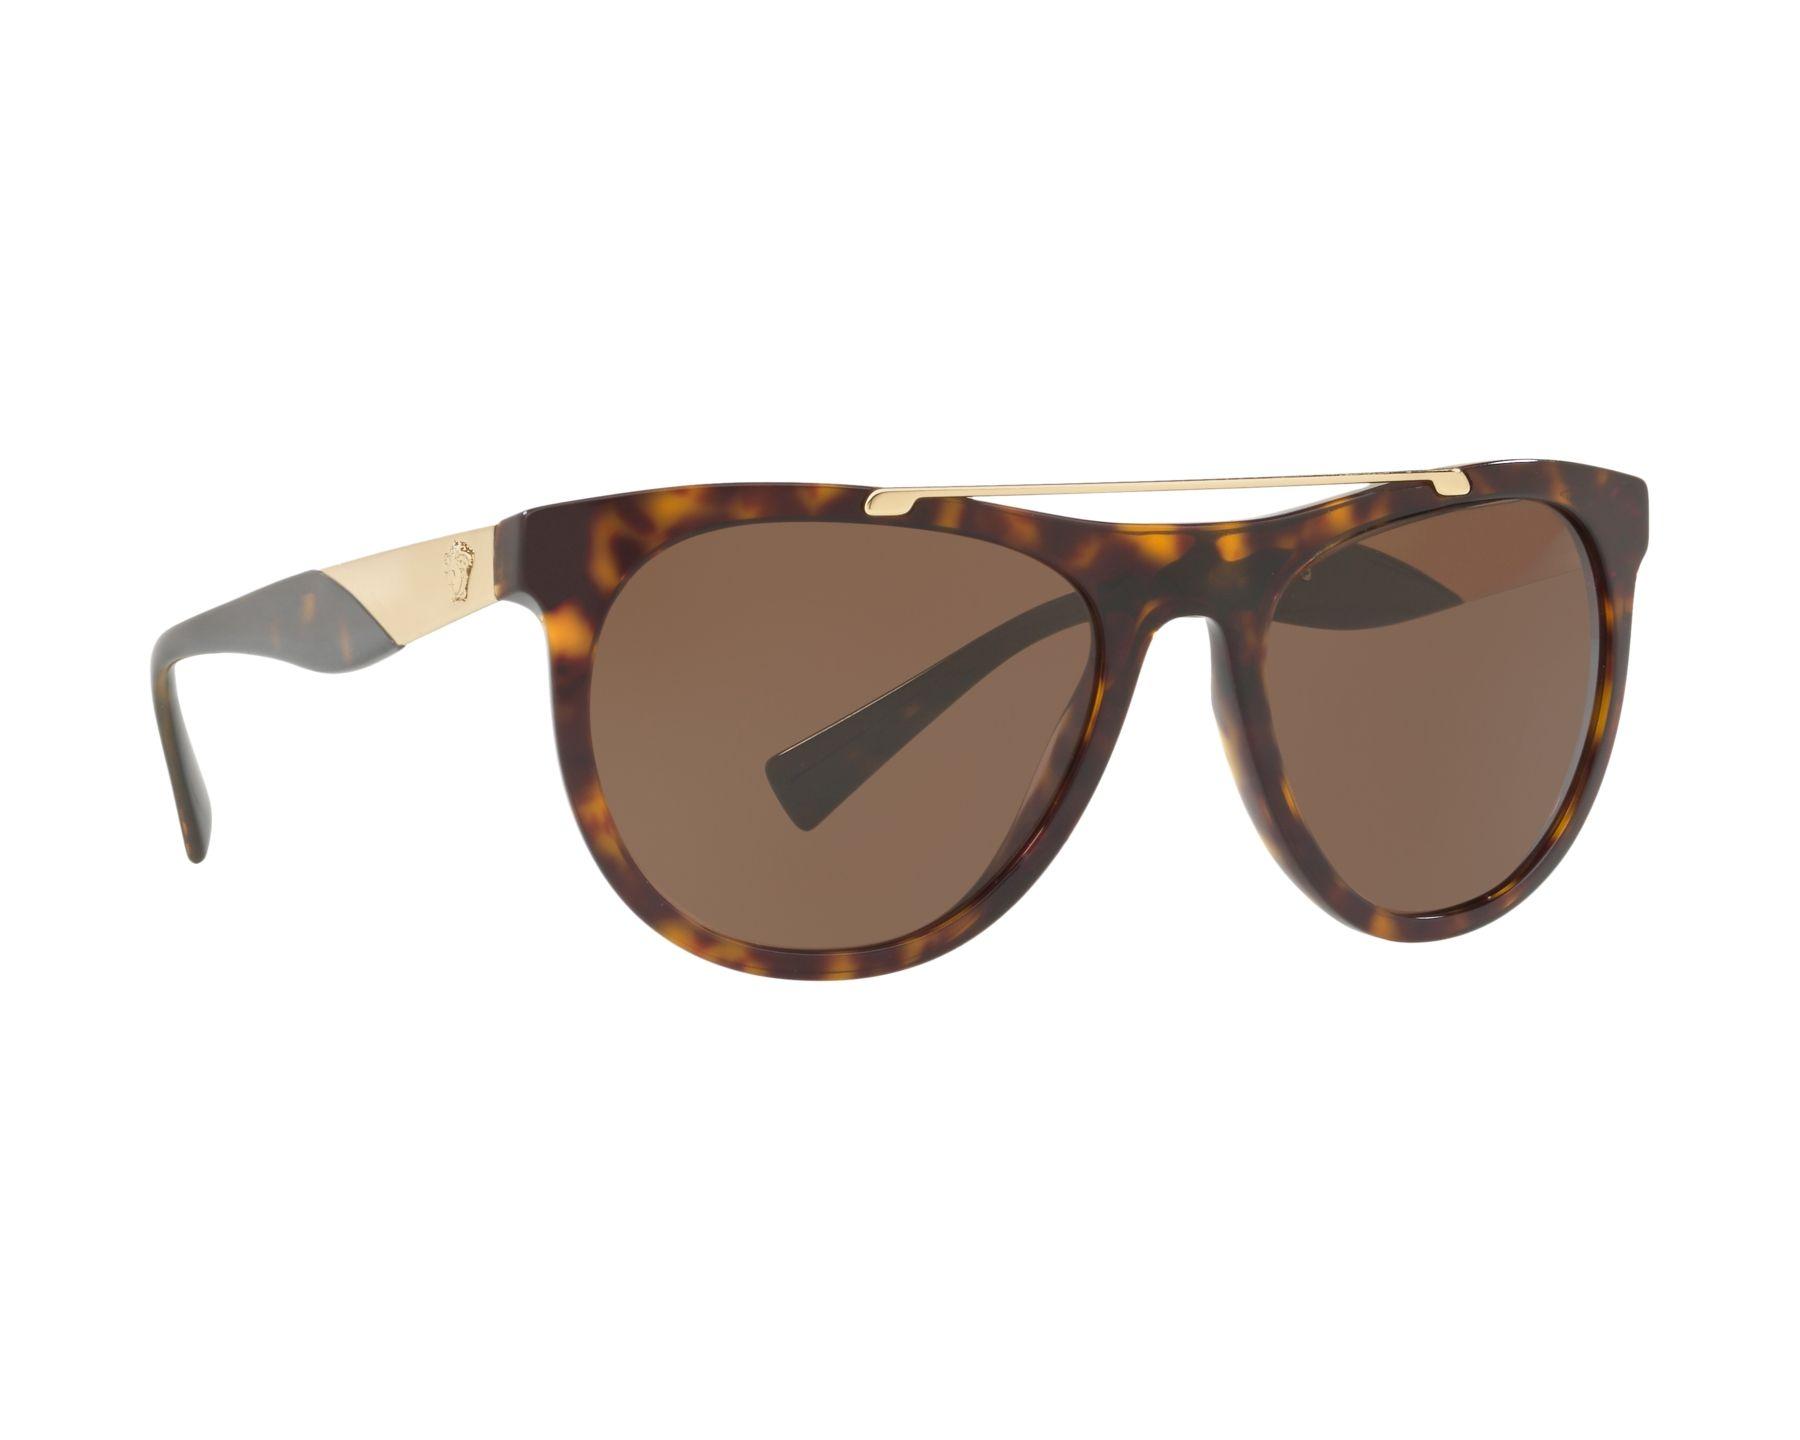 Versace Herren Sonnenbrille » VE4347«, braun, 108/73 - braun/braun